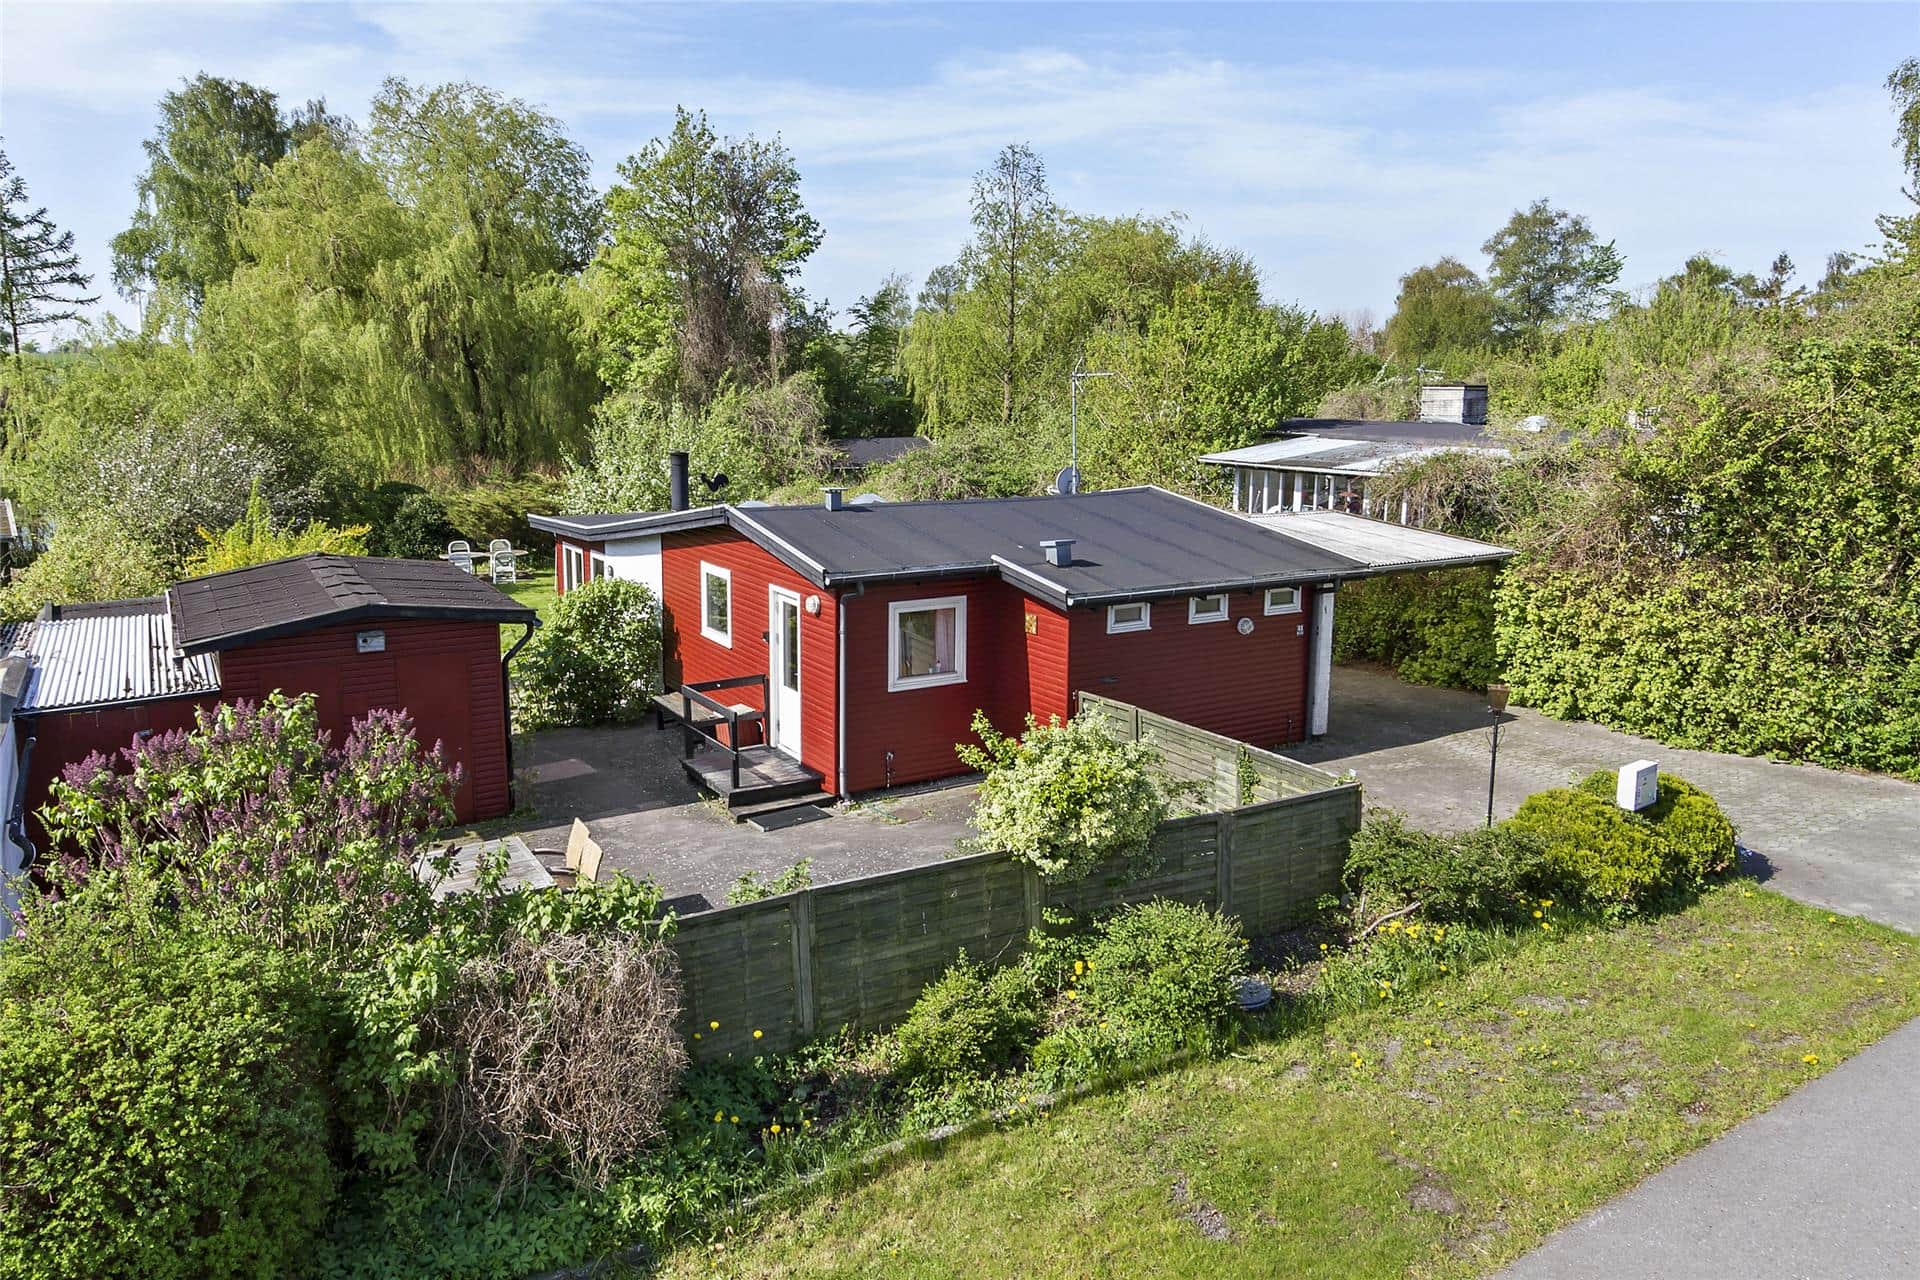 Afbeelding 1-15 Vakantiehuis S750, Svalemosevej 44, DK - 4671 Strøby Ladeplads